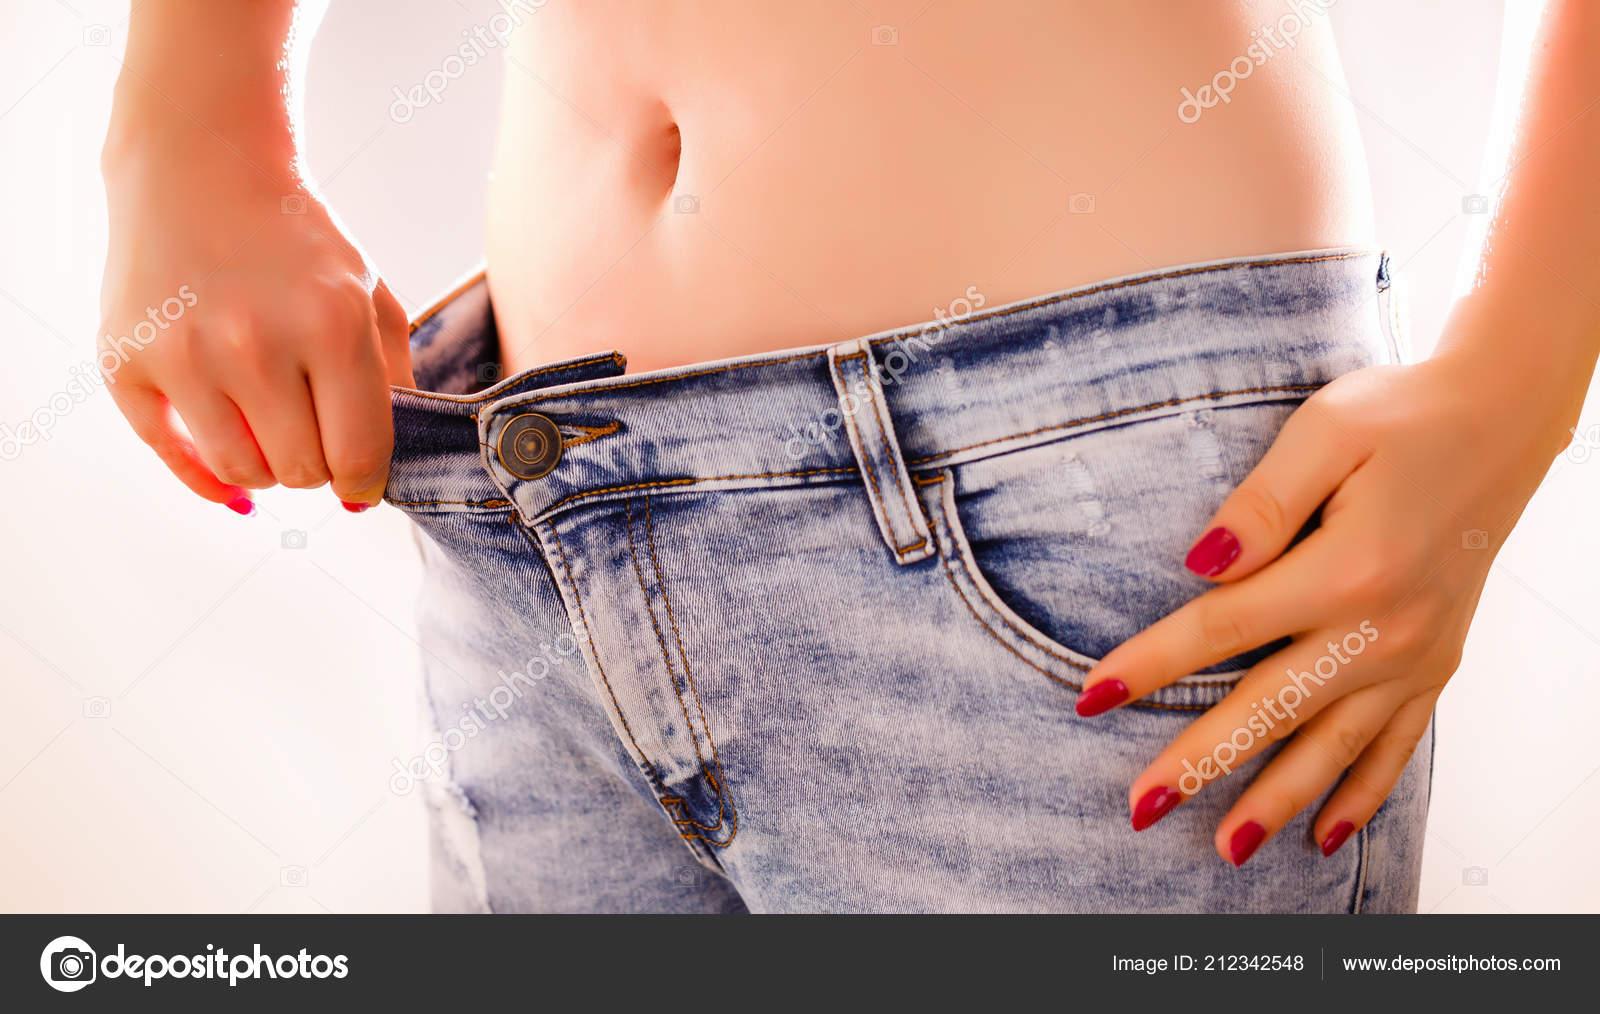 Как правильно и эротично одевать джинсы видео говориться